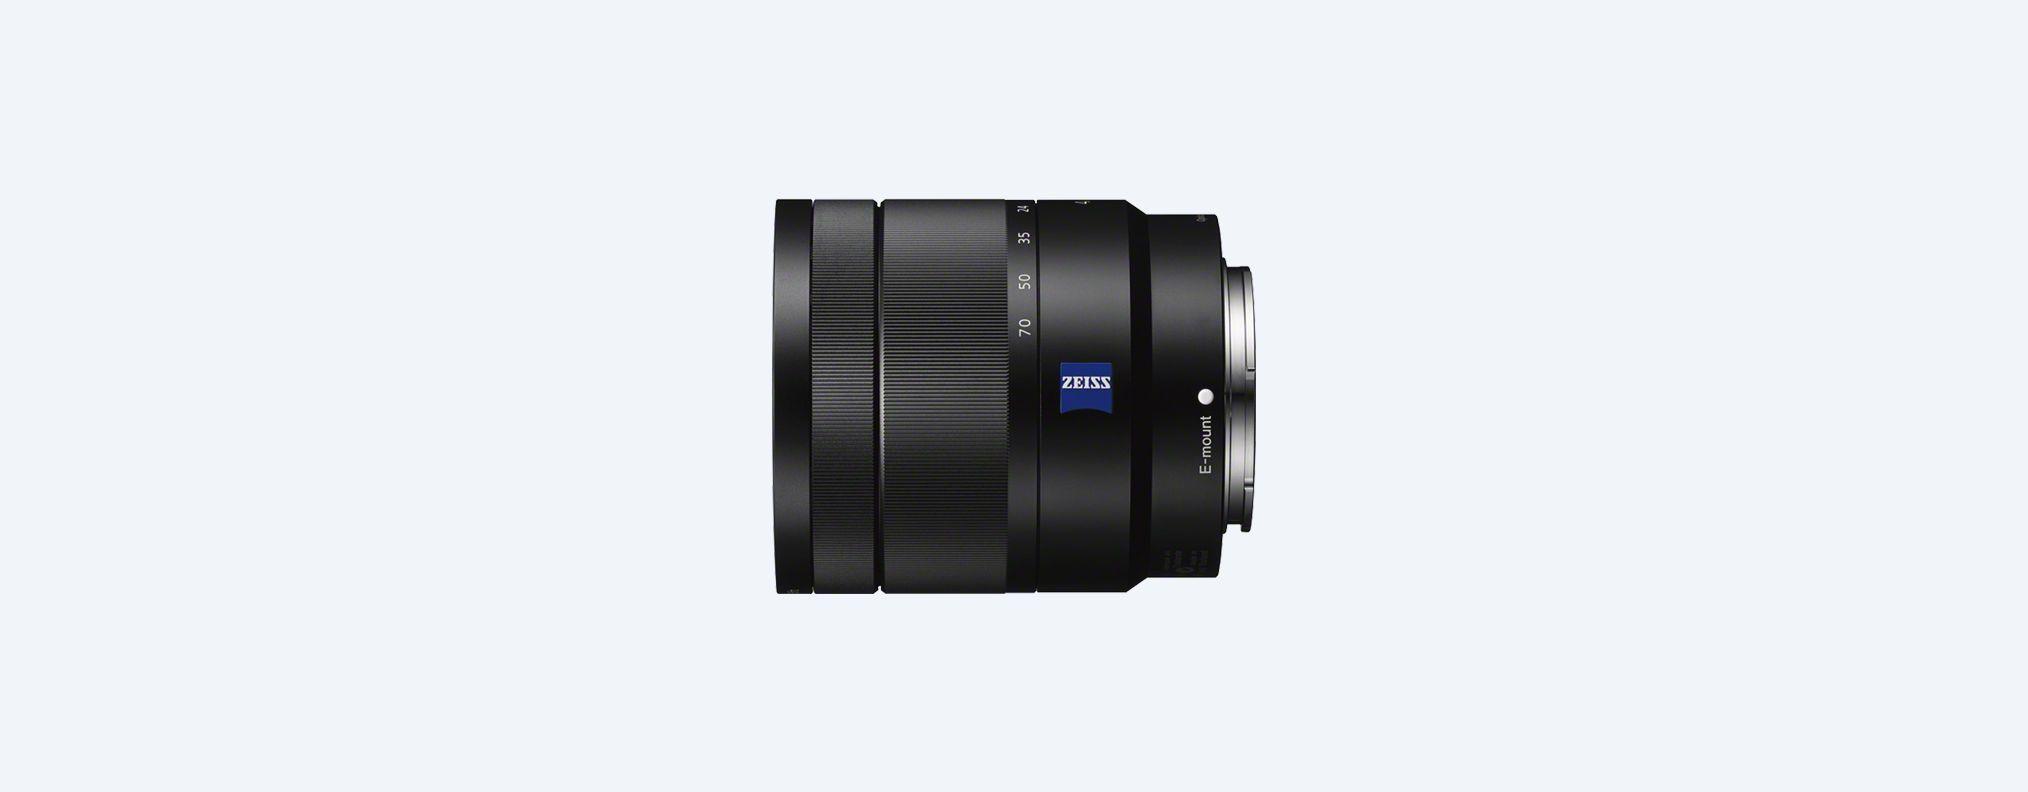 Vario Tessar T E 16 70 Mm F4 Za Oss Sel1670z Oss Camera Lenses Great Pictures